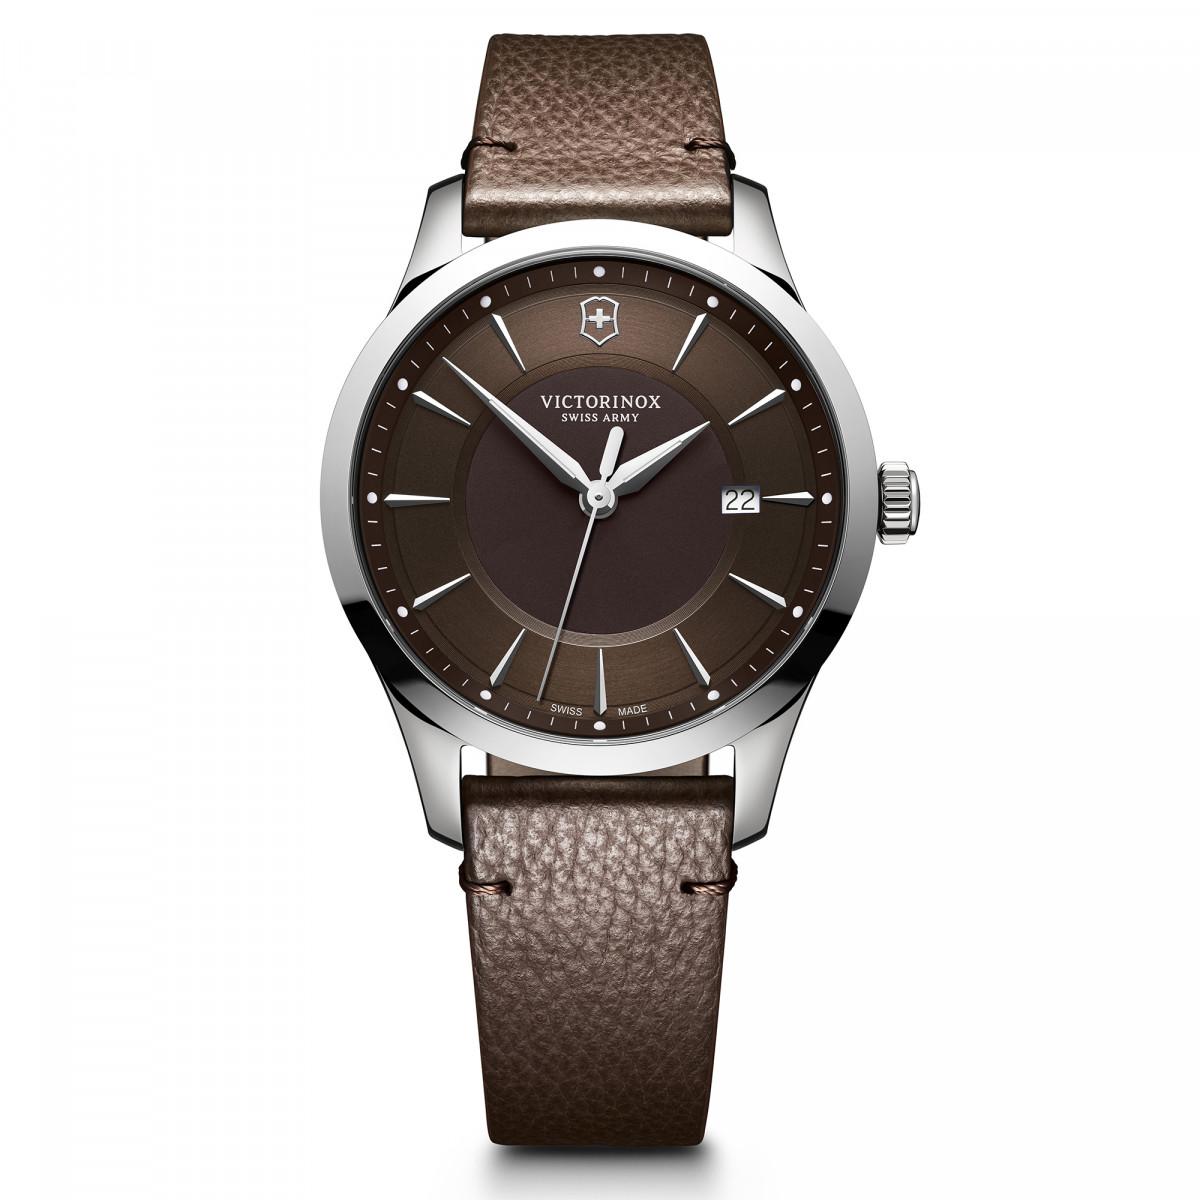 Montre Homme Victorinox ALLIANCE Large, cadran marron, bracelet cuir marron - 40mm